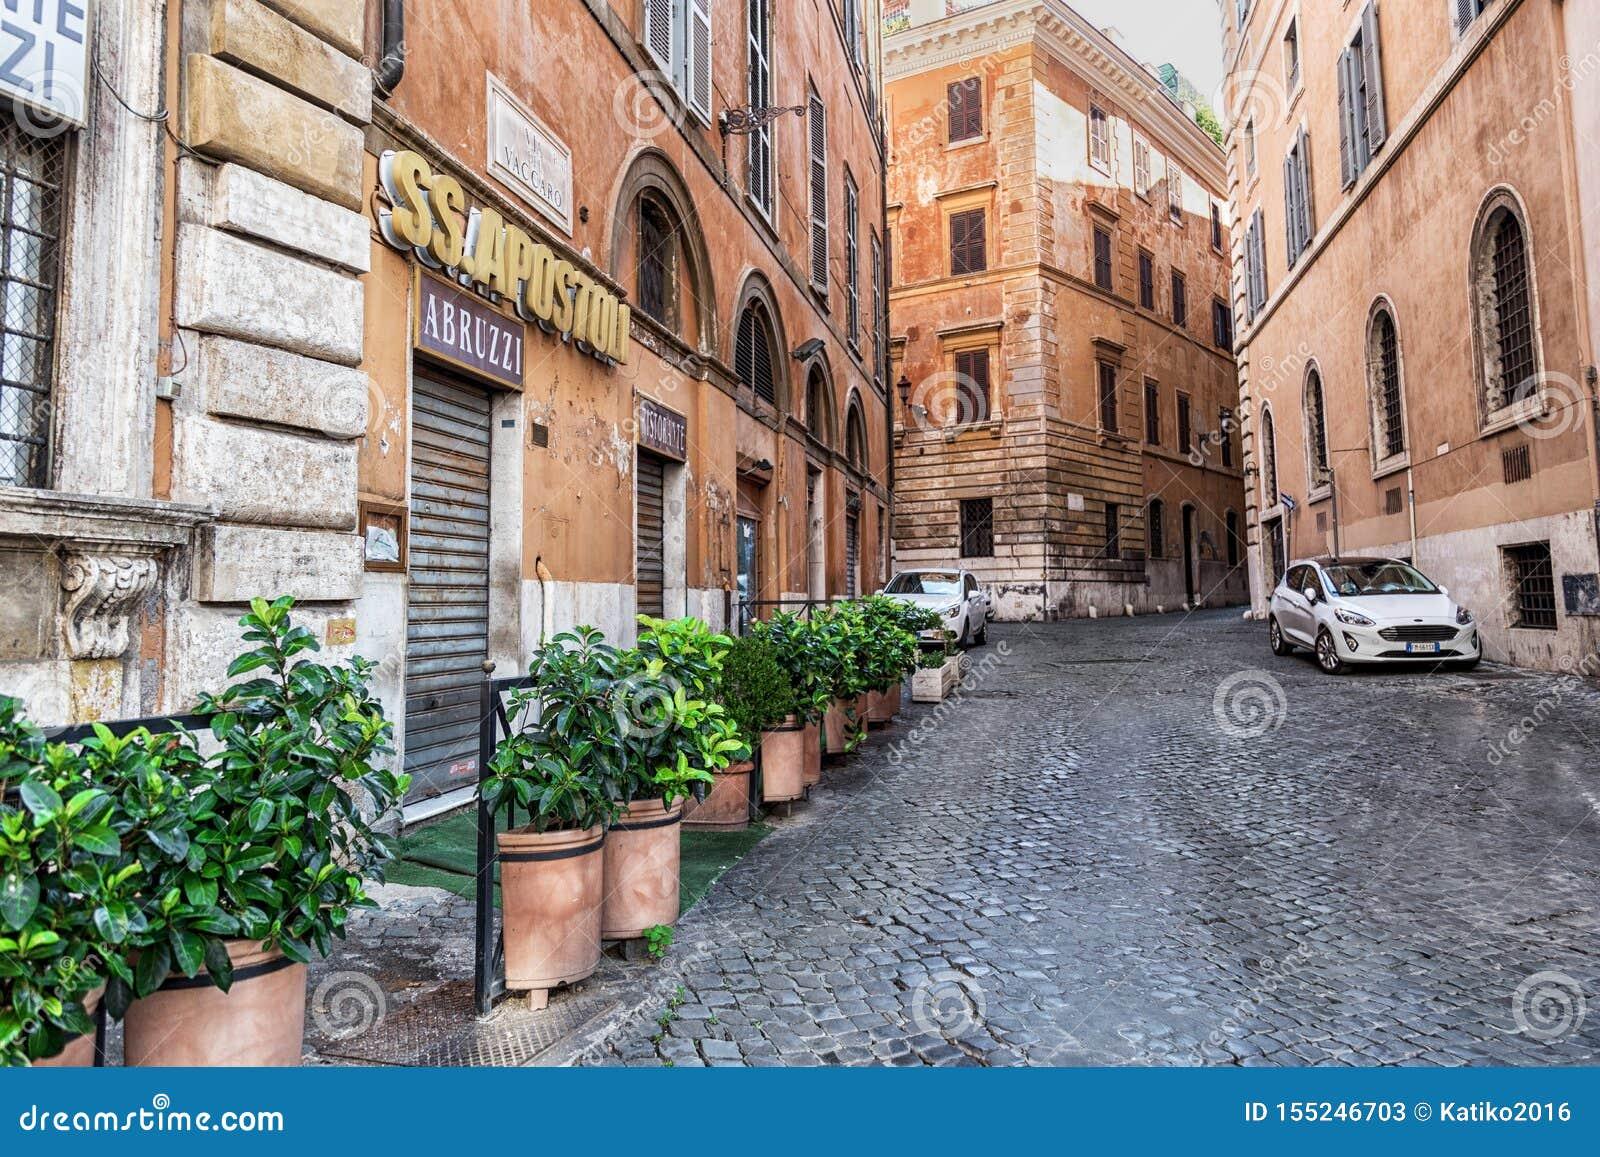 Ρώμη, Ιταλία - 22 Αυγούστου 2018: Χαρακτηριστική παλαιά ρωμαϊκή στενή οδός Πράσινες εγκαταστάσεις μπροστά από τα μικρά παράθυρα ε